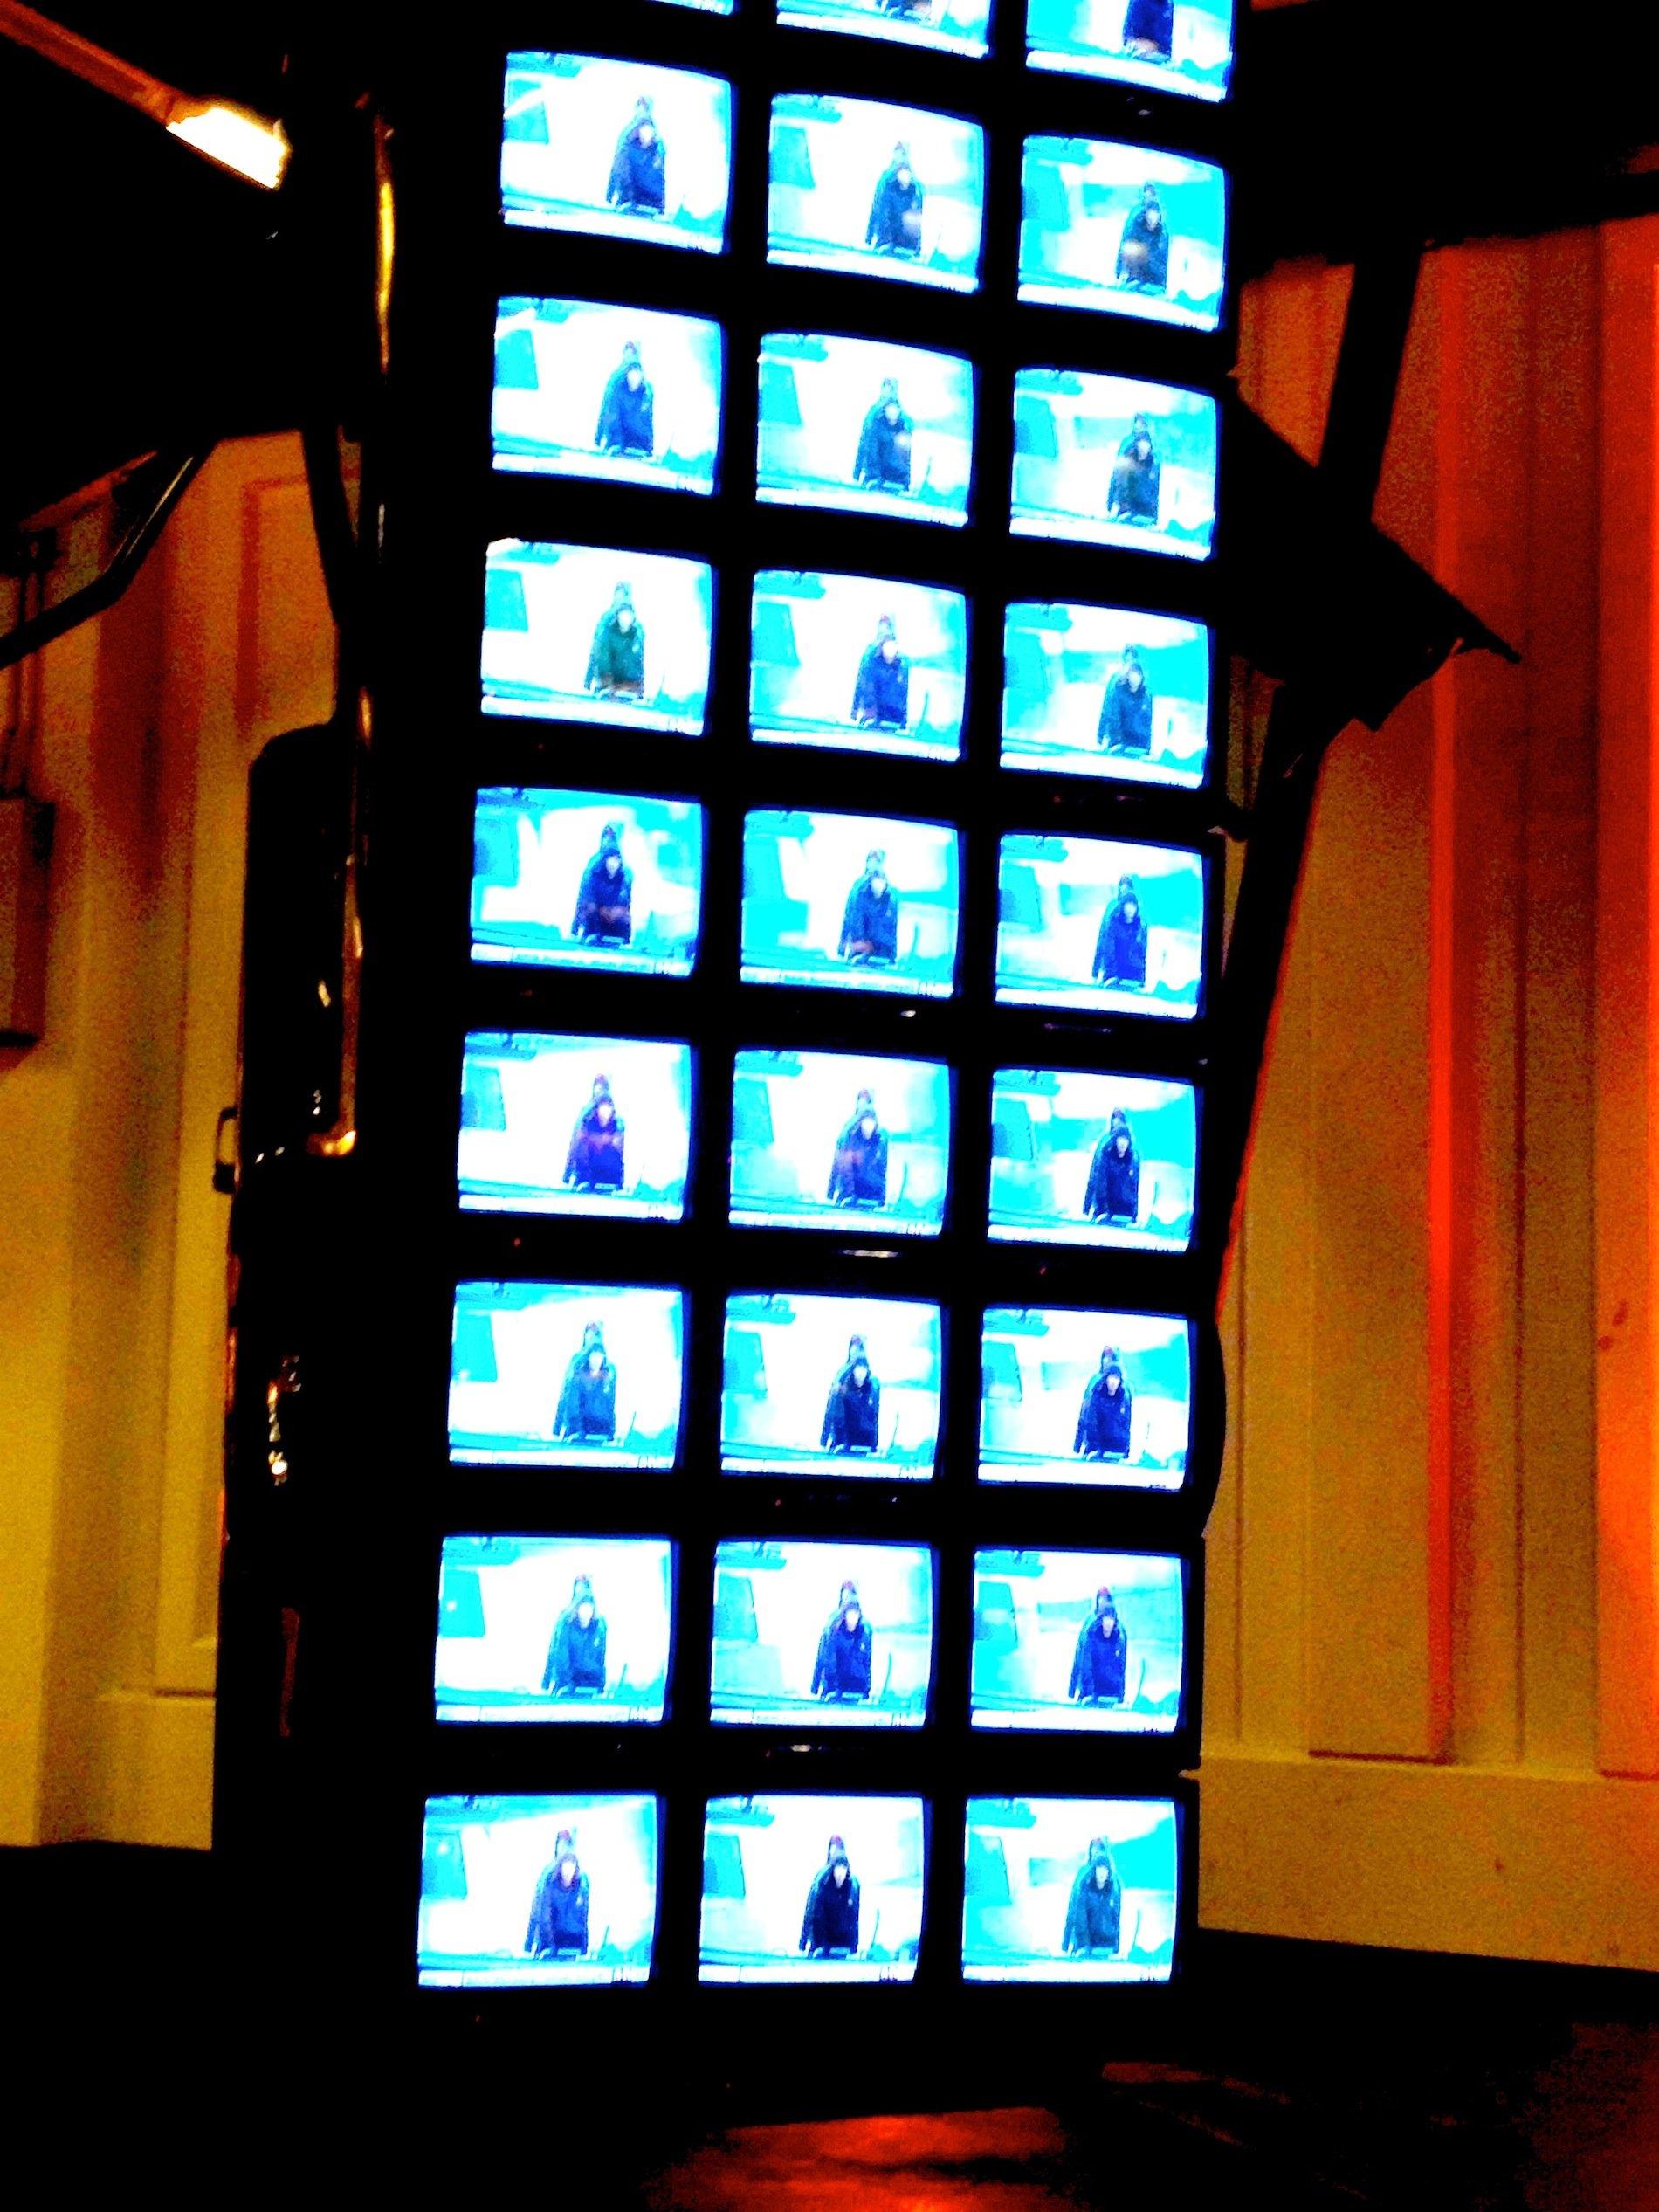 Die Unterseite des Cadillacs ist mit 33 Fernsehern bedeckt, die die Weltnachrichten zeigen.